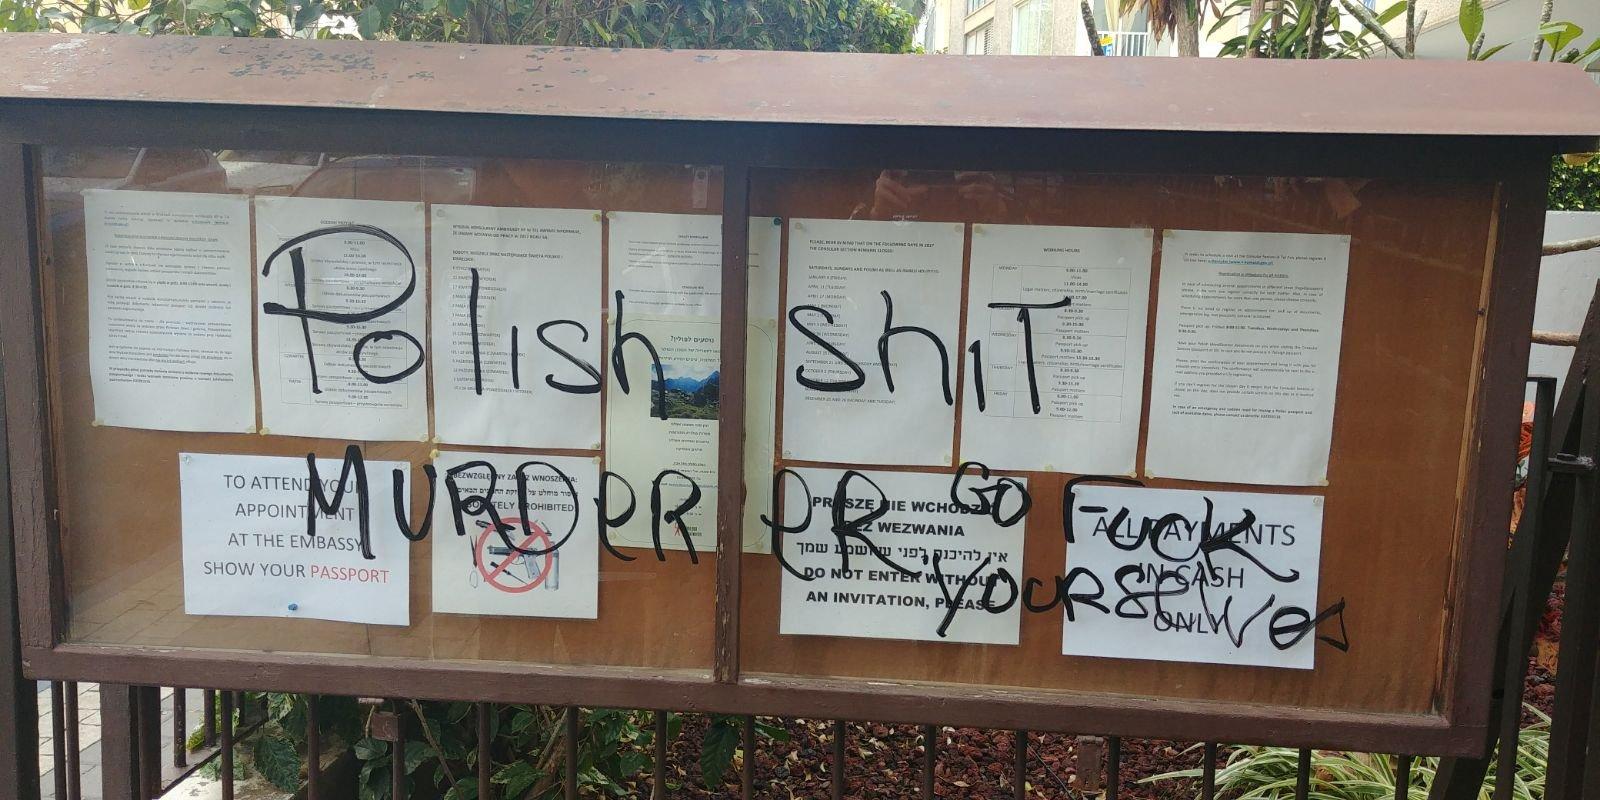 شعارات نازية وكلمات نابية على مدخل السفارة البولندية